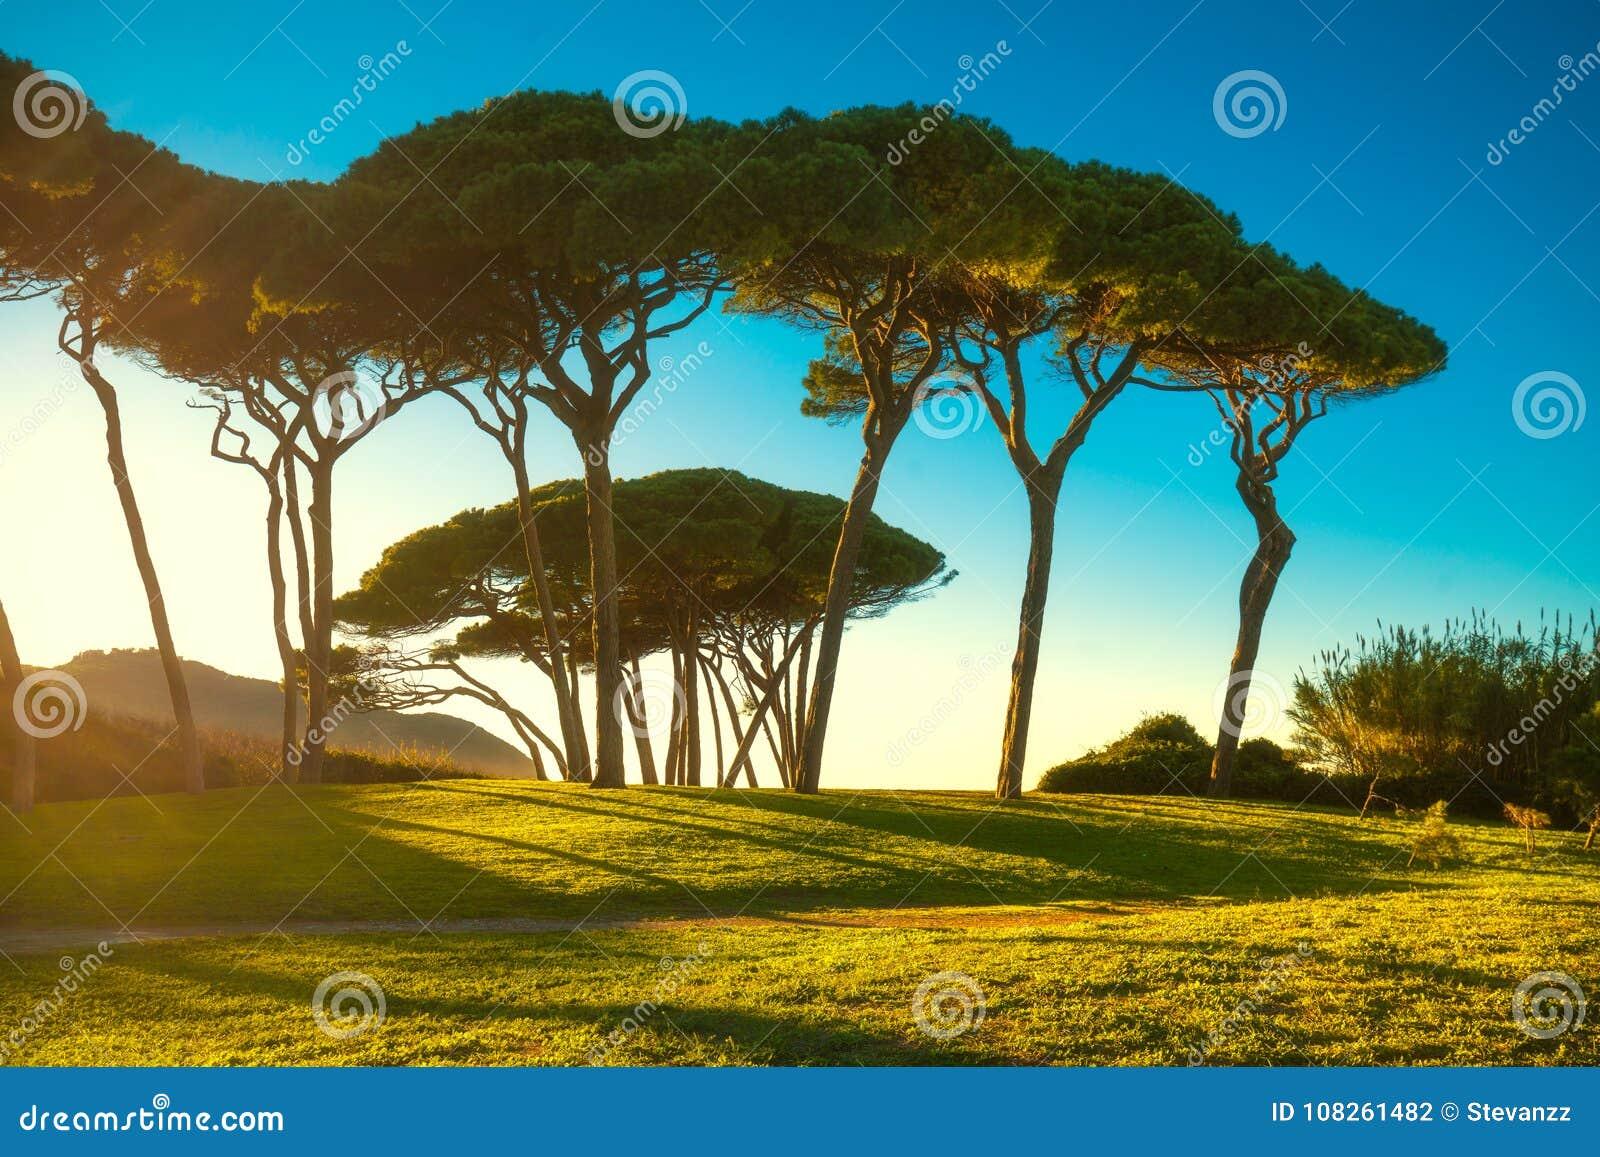 Gruppo Marittimo Dell'albero Di Pino Vicino Al Mare Ed ...